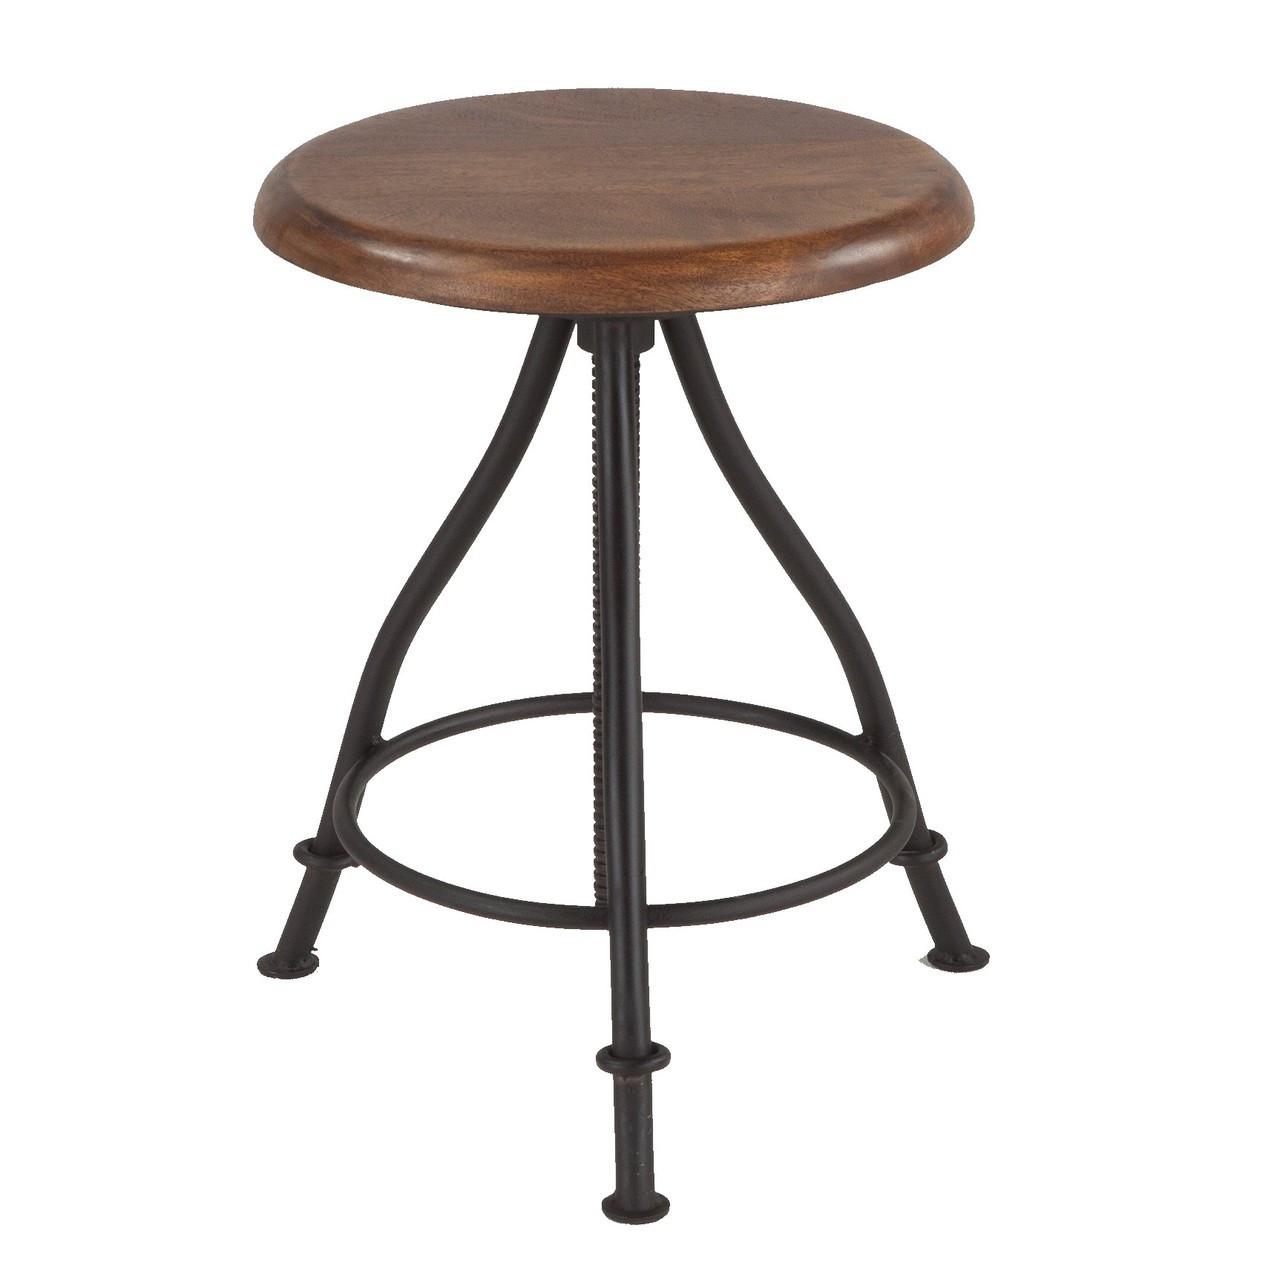 Outstanding Steampunk Industrial Wood And Iron Crank Adjustable Stool Inzonedesignstudio Interior Chair Design Inzonedesignstudiocom